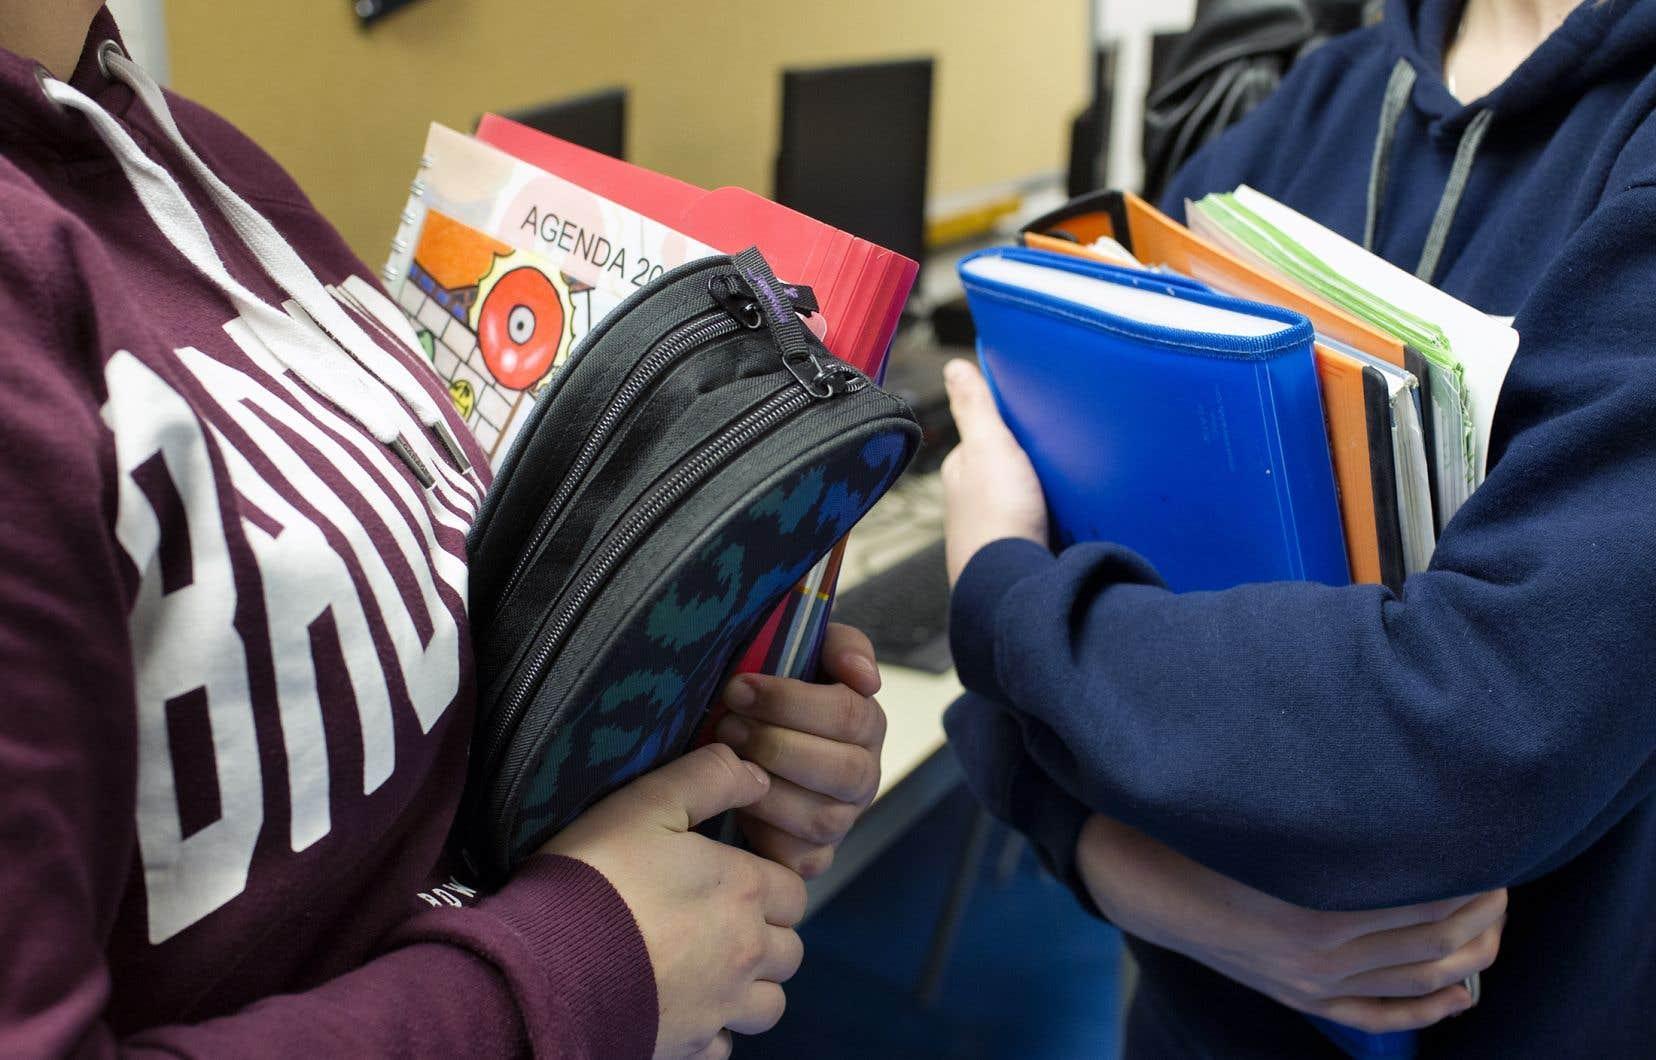 C'est la deuxième fois depuis 2016 que le gouvernement révise le programme d'histoire du secondaire.